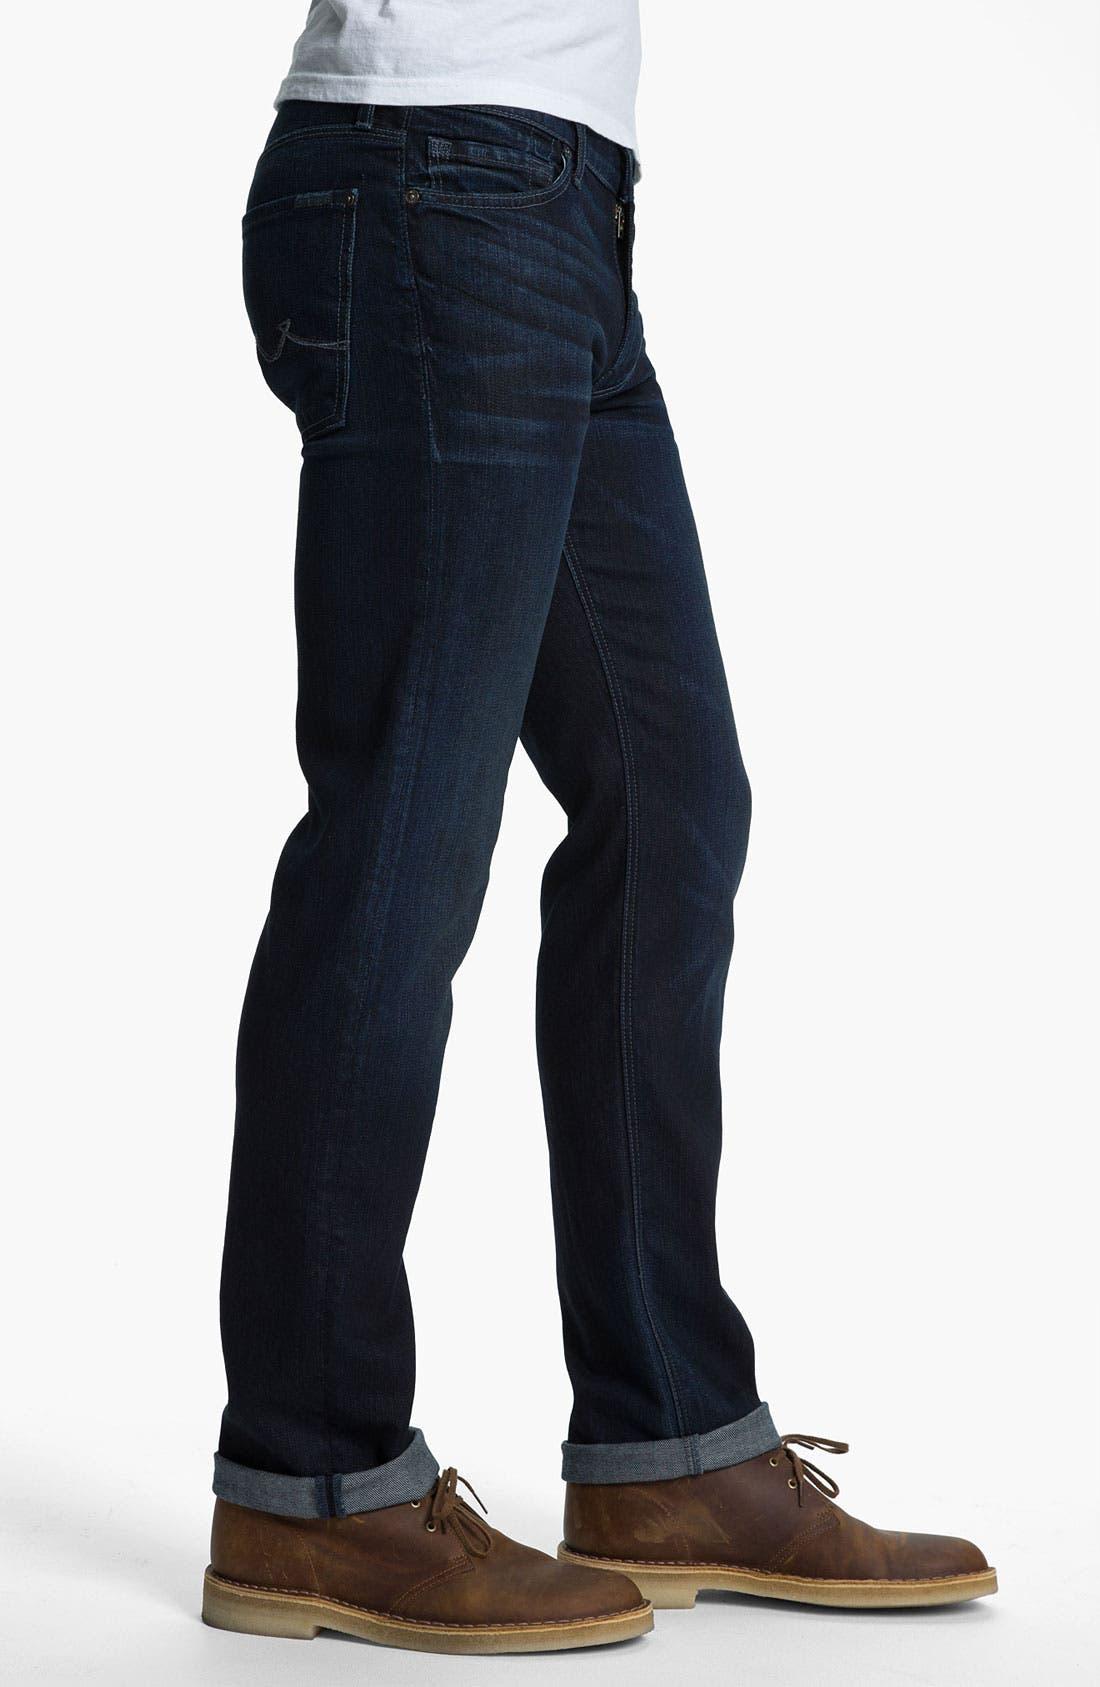 Alternate Image 3  - 7 For All Mankind 'Slimmy' Slim Straight Leg Jeans (Bodega Bay)